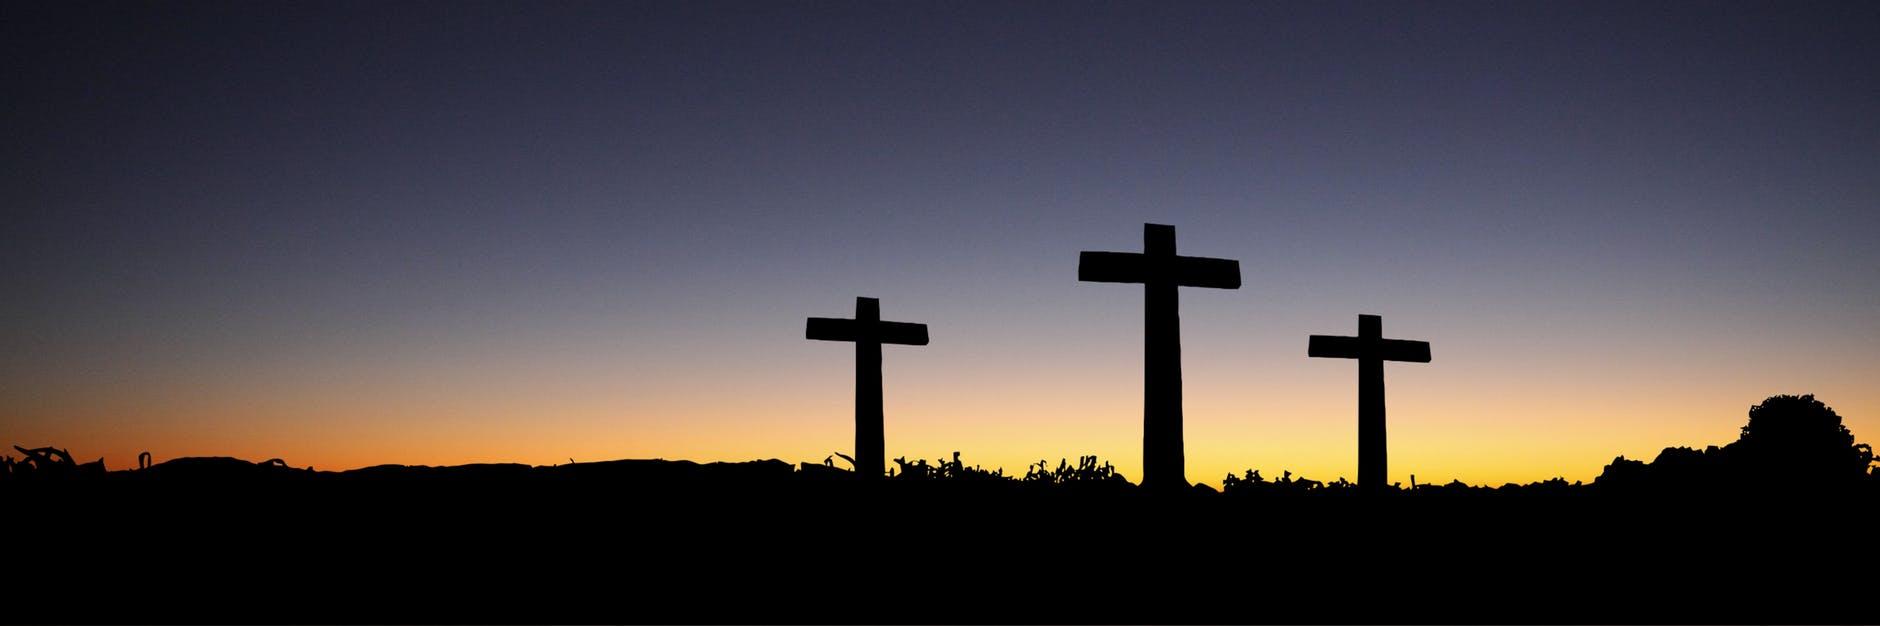 Altijd maar dat kruis